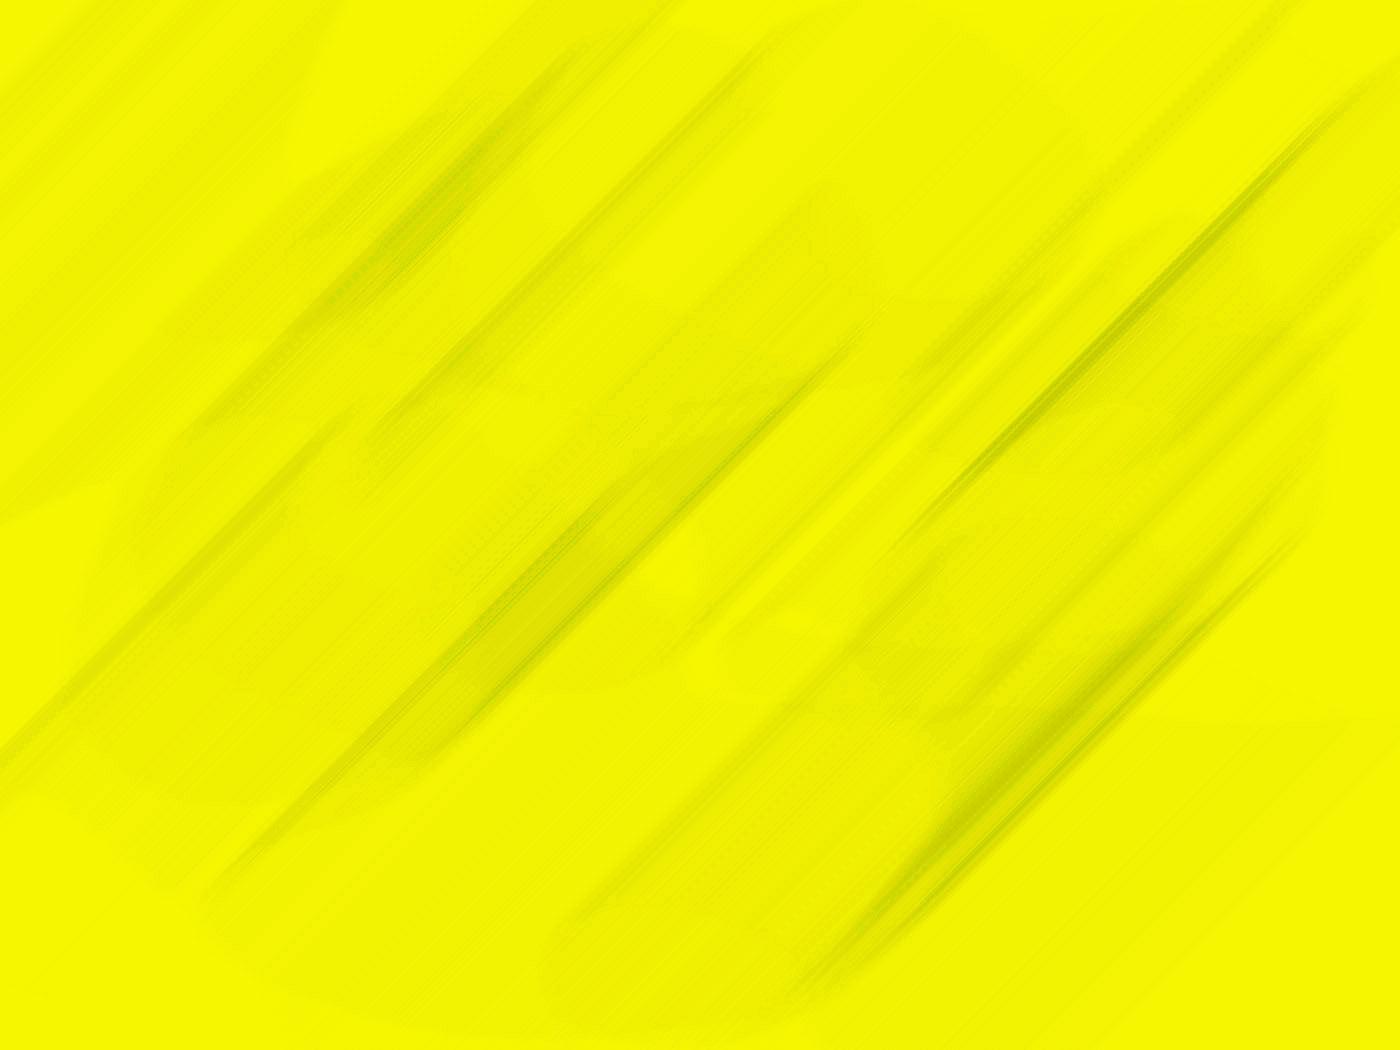 Gelbe Bilder hintergrundbilder kostenlos